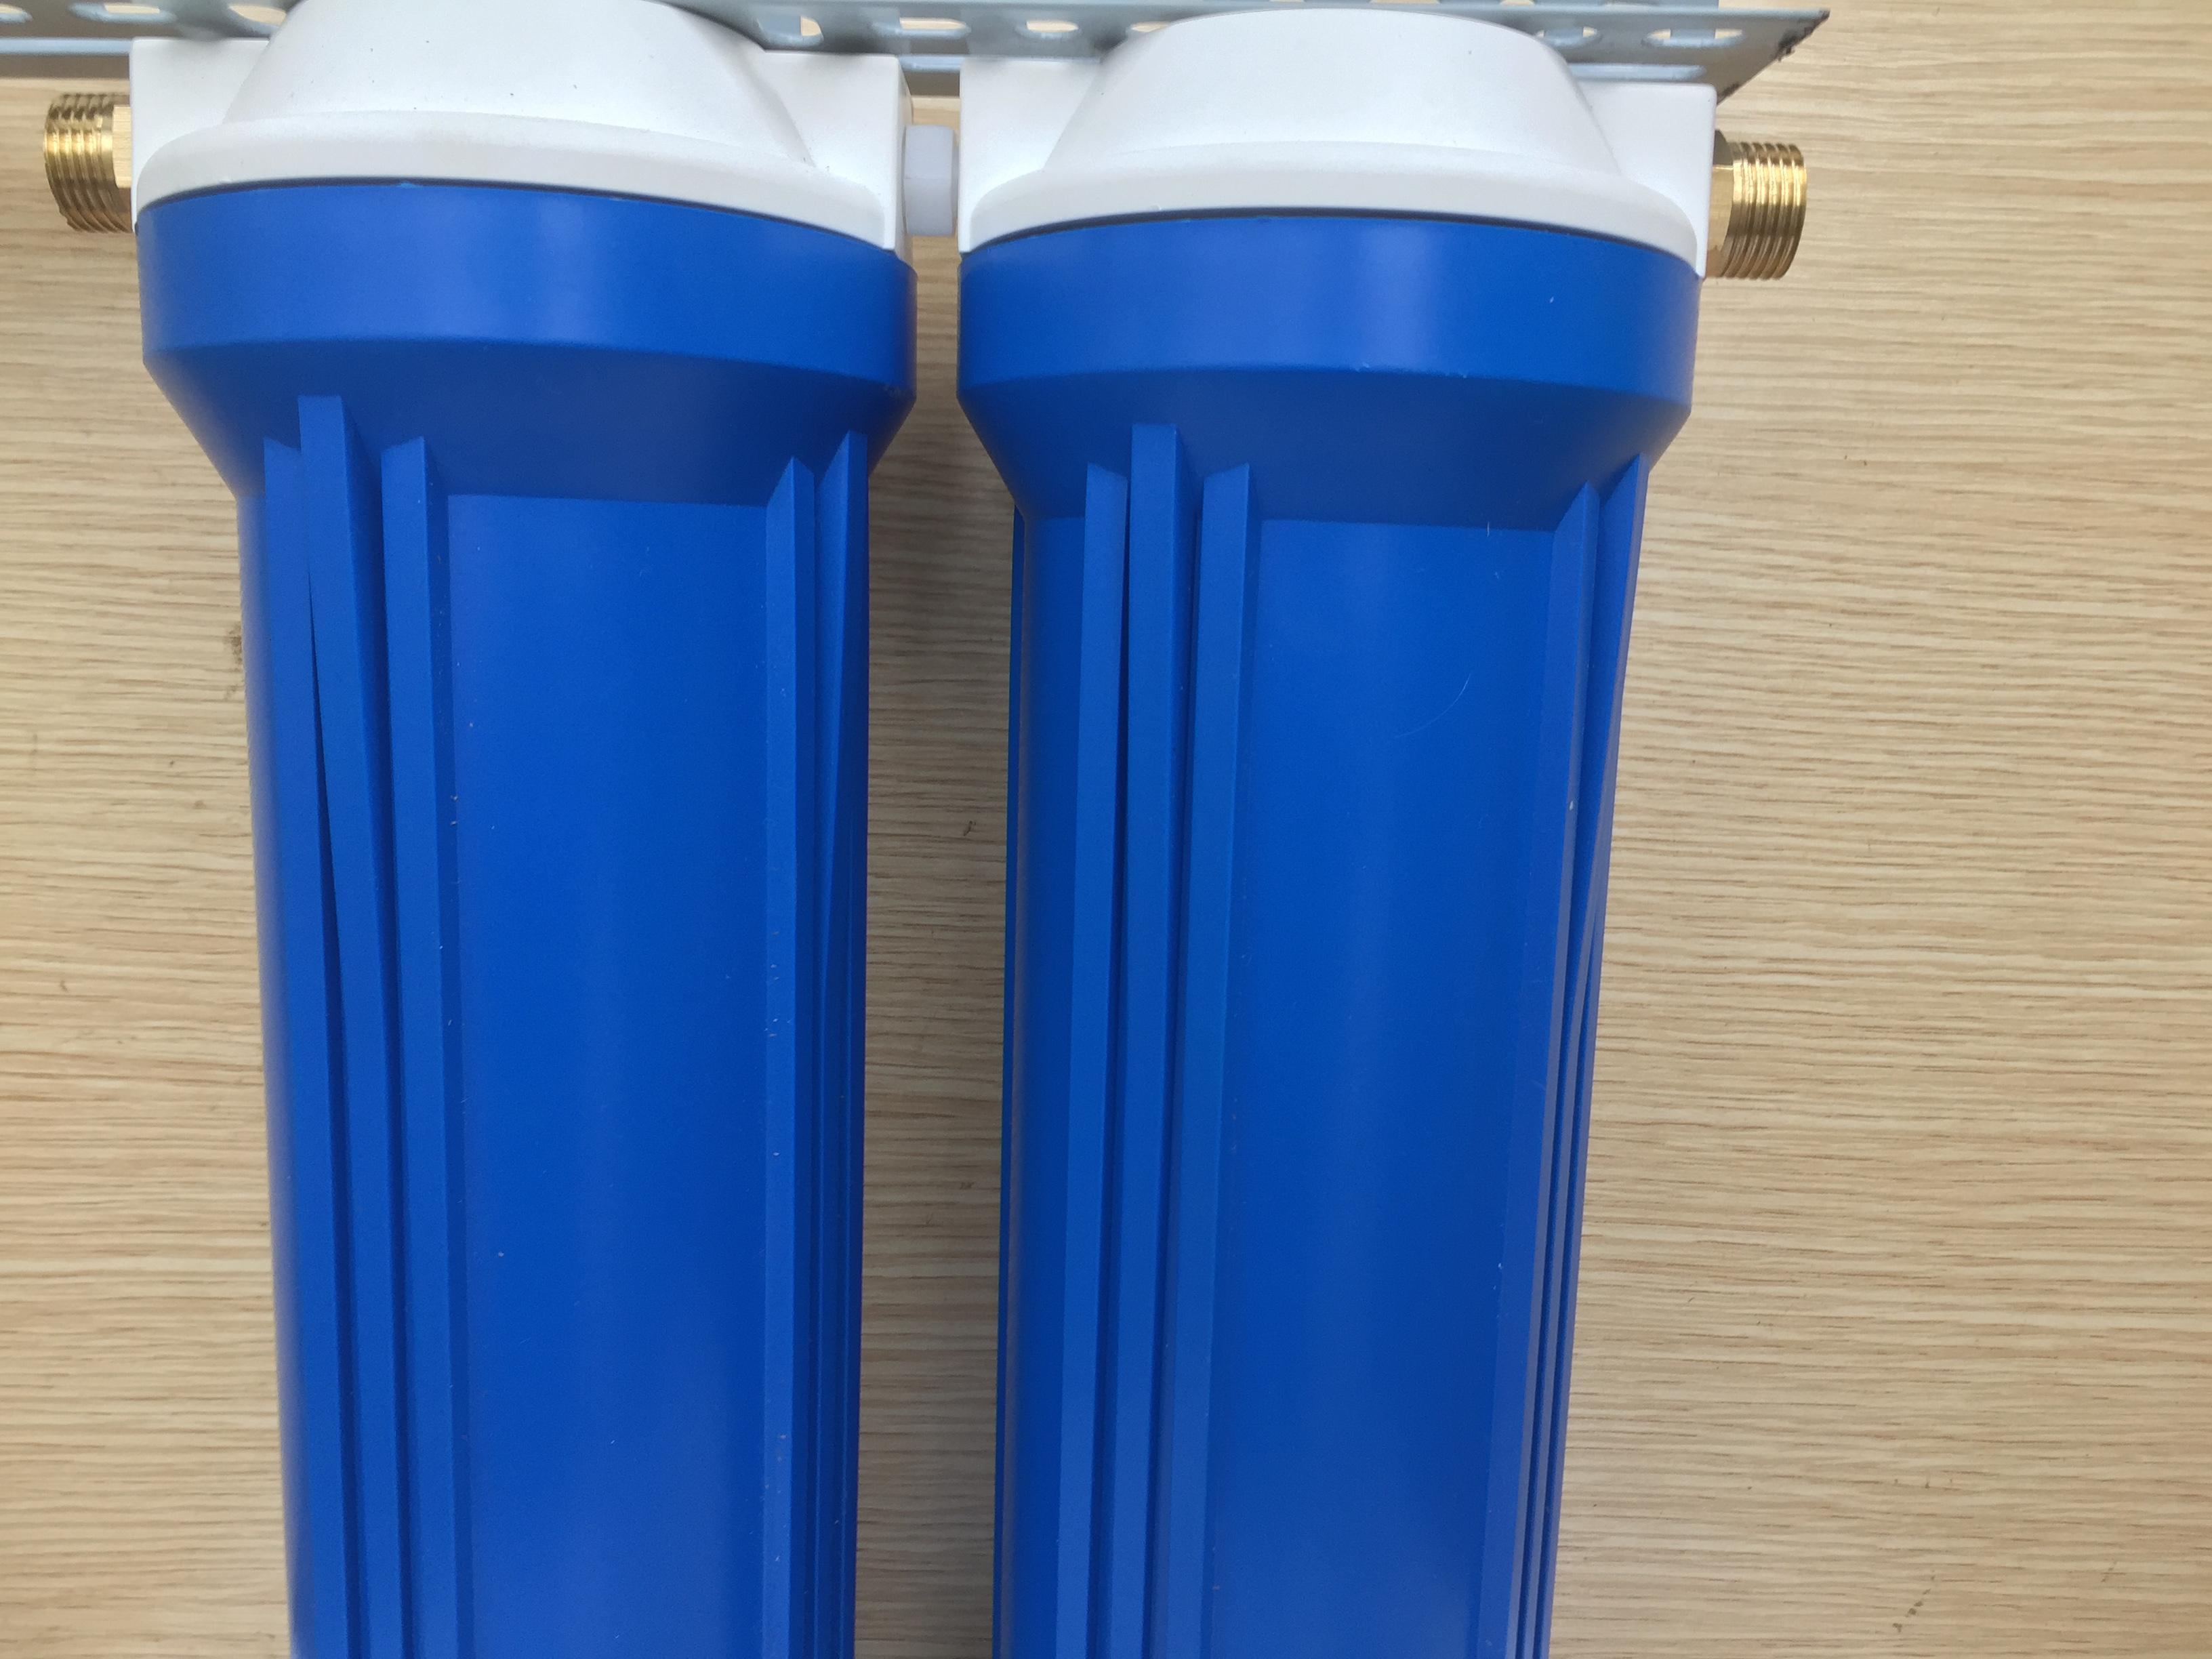 Giá Bộ lọc nước sinh hoạt 2 cấp ren ra vào 21